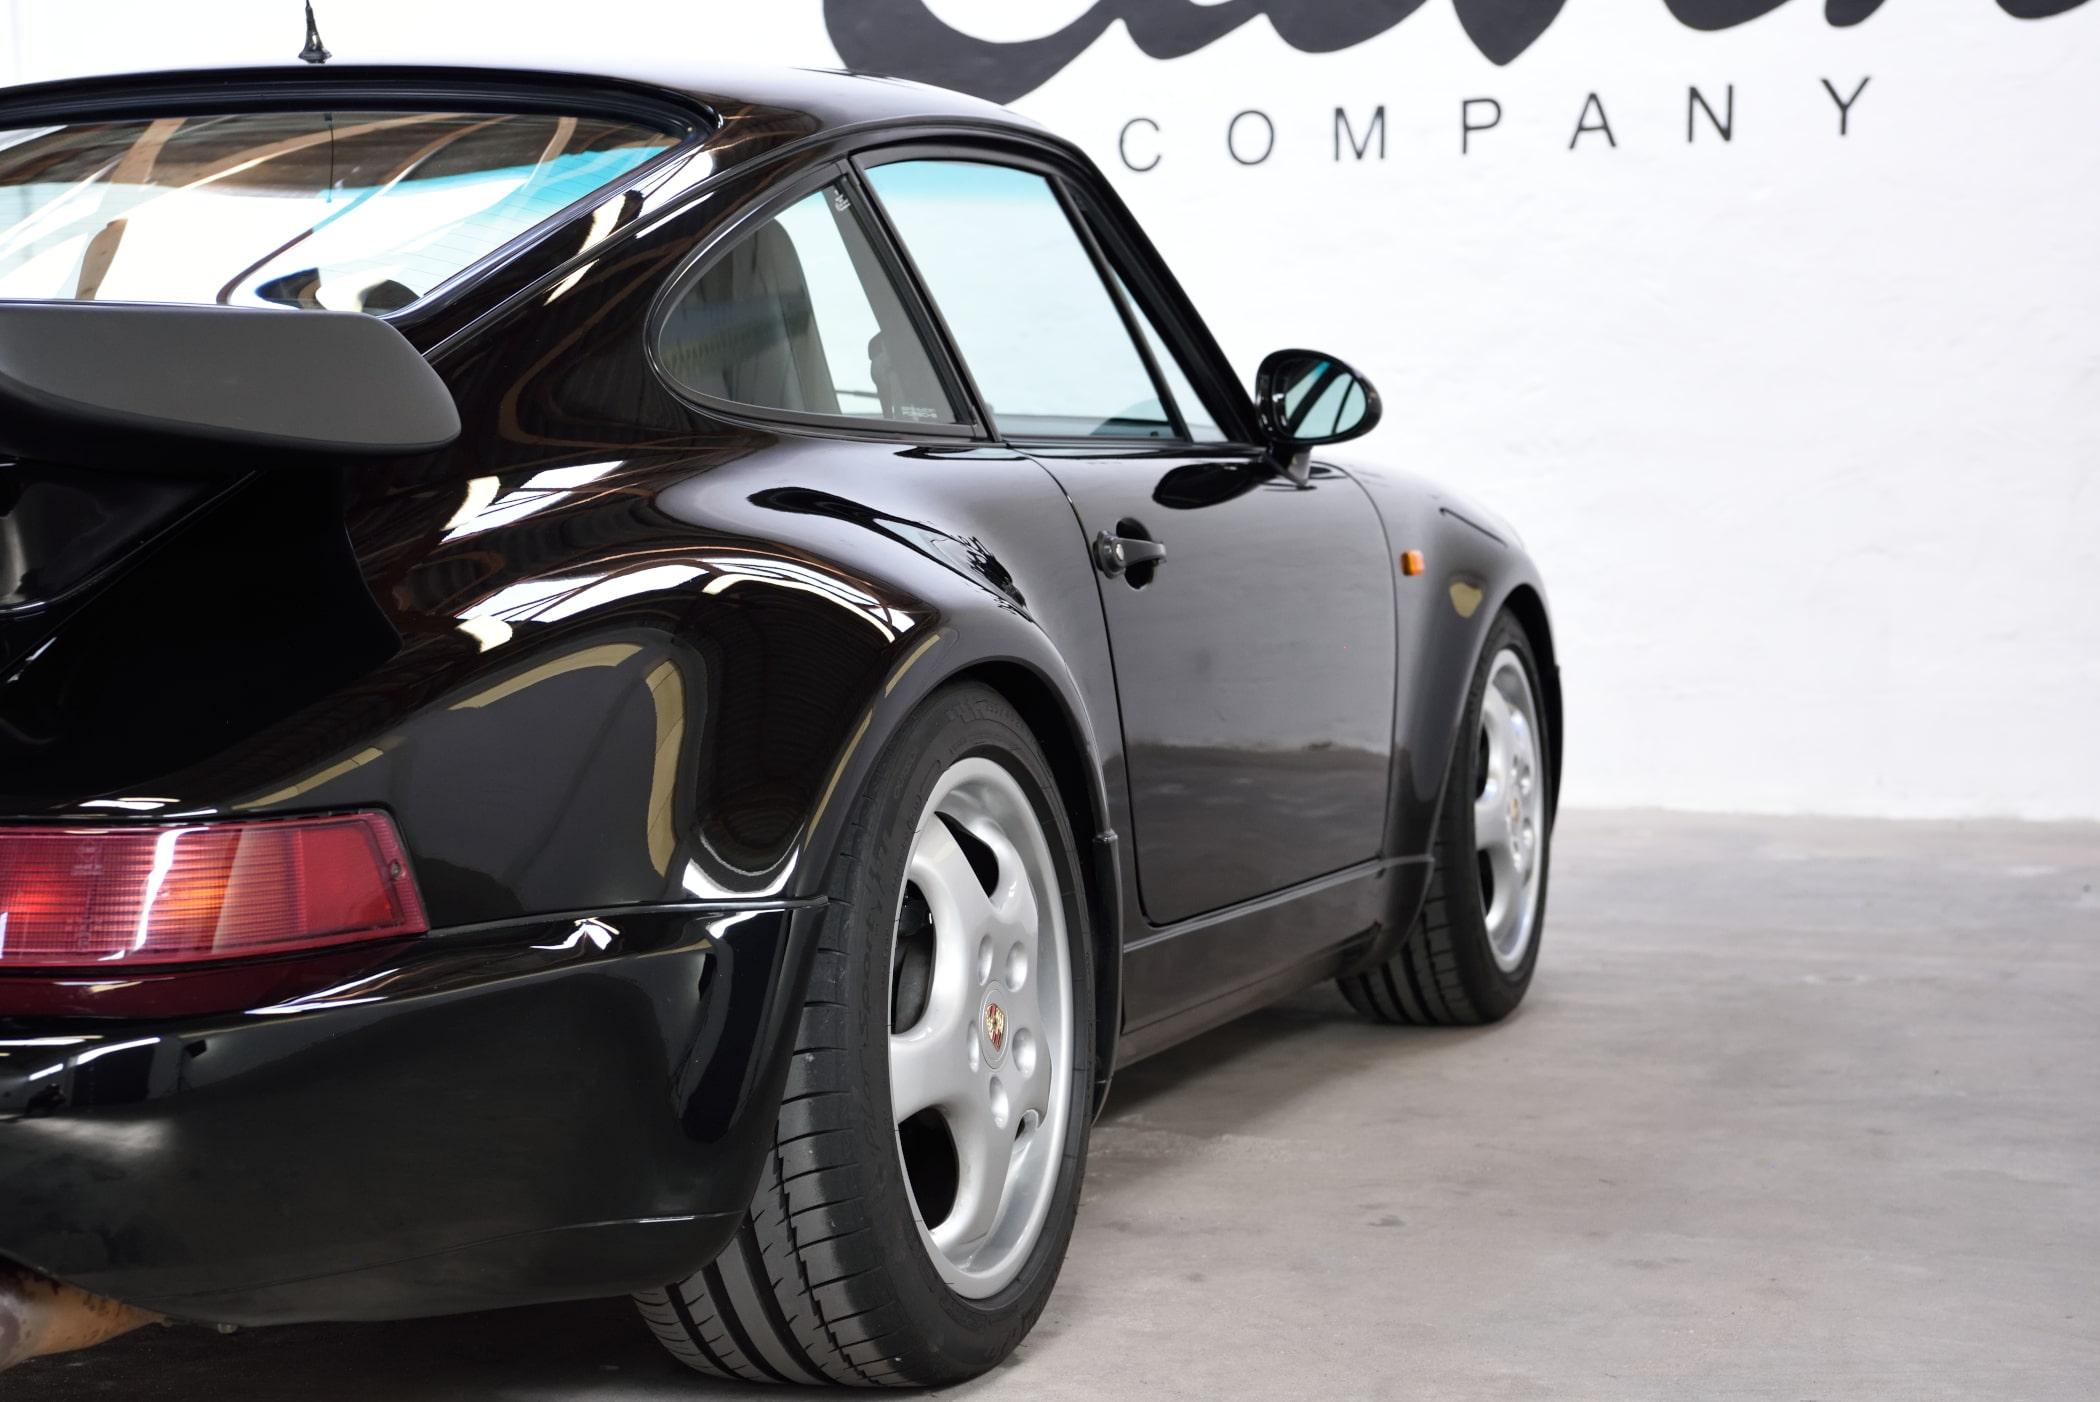 Porsche 964 Turbo stance